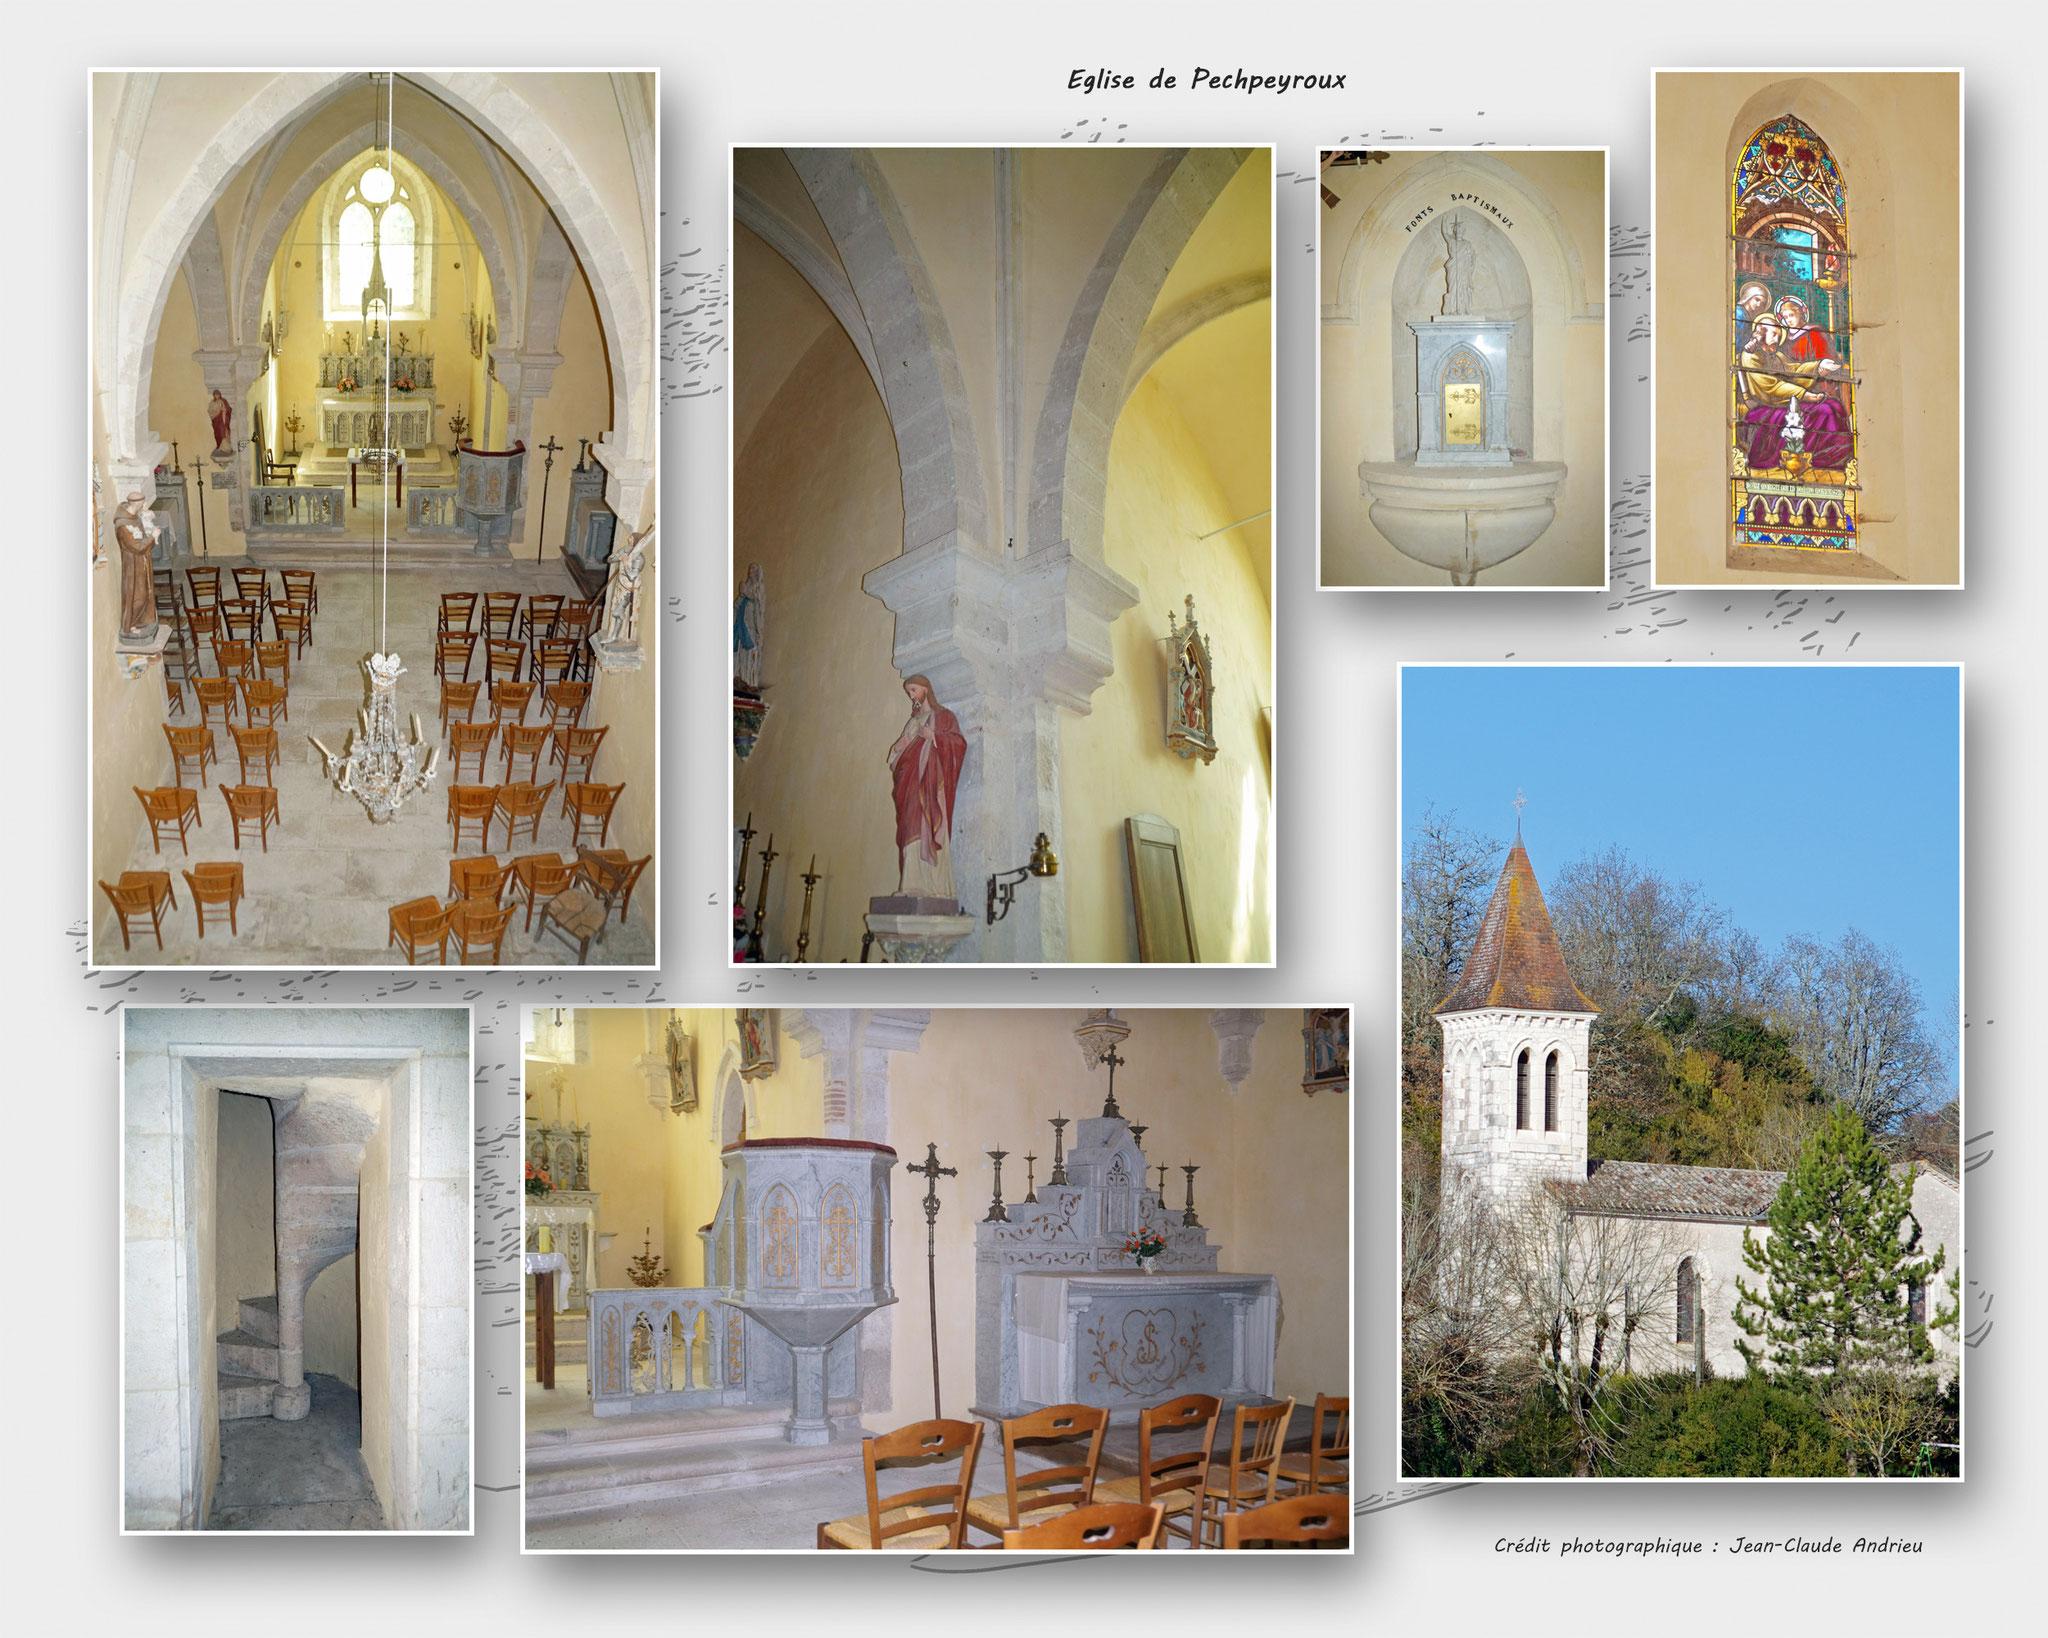 Eglise de Pechpeyroux